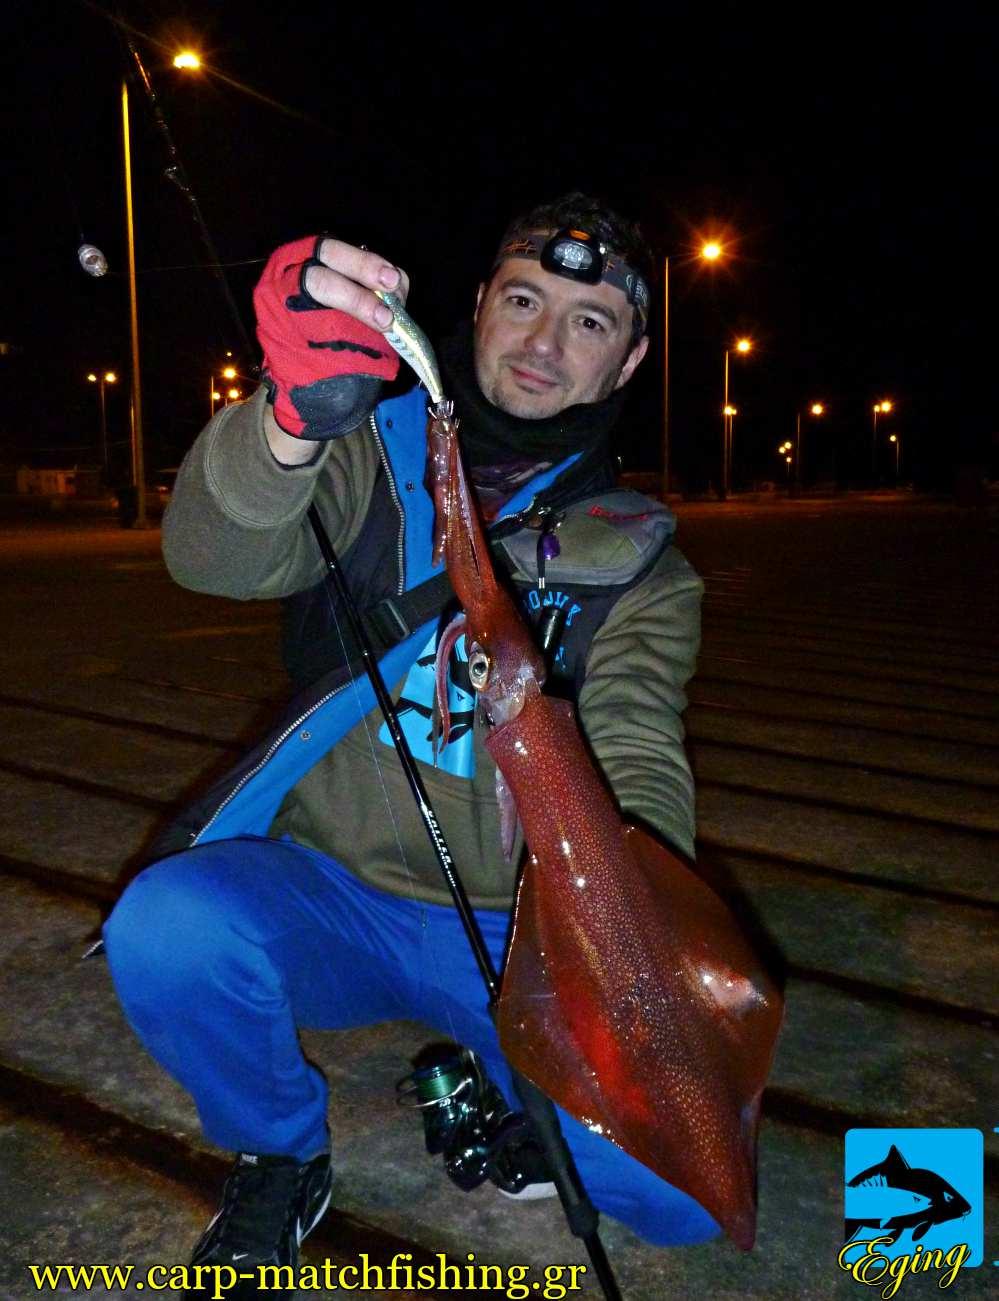 eging topoi me fota limania topoi kalamarion carpmatchfishing